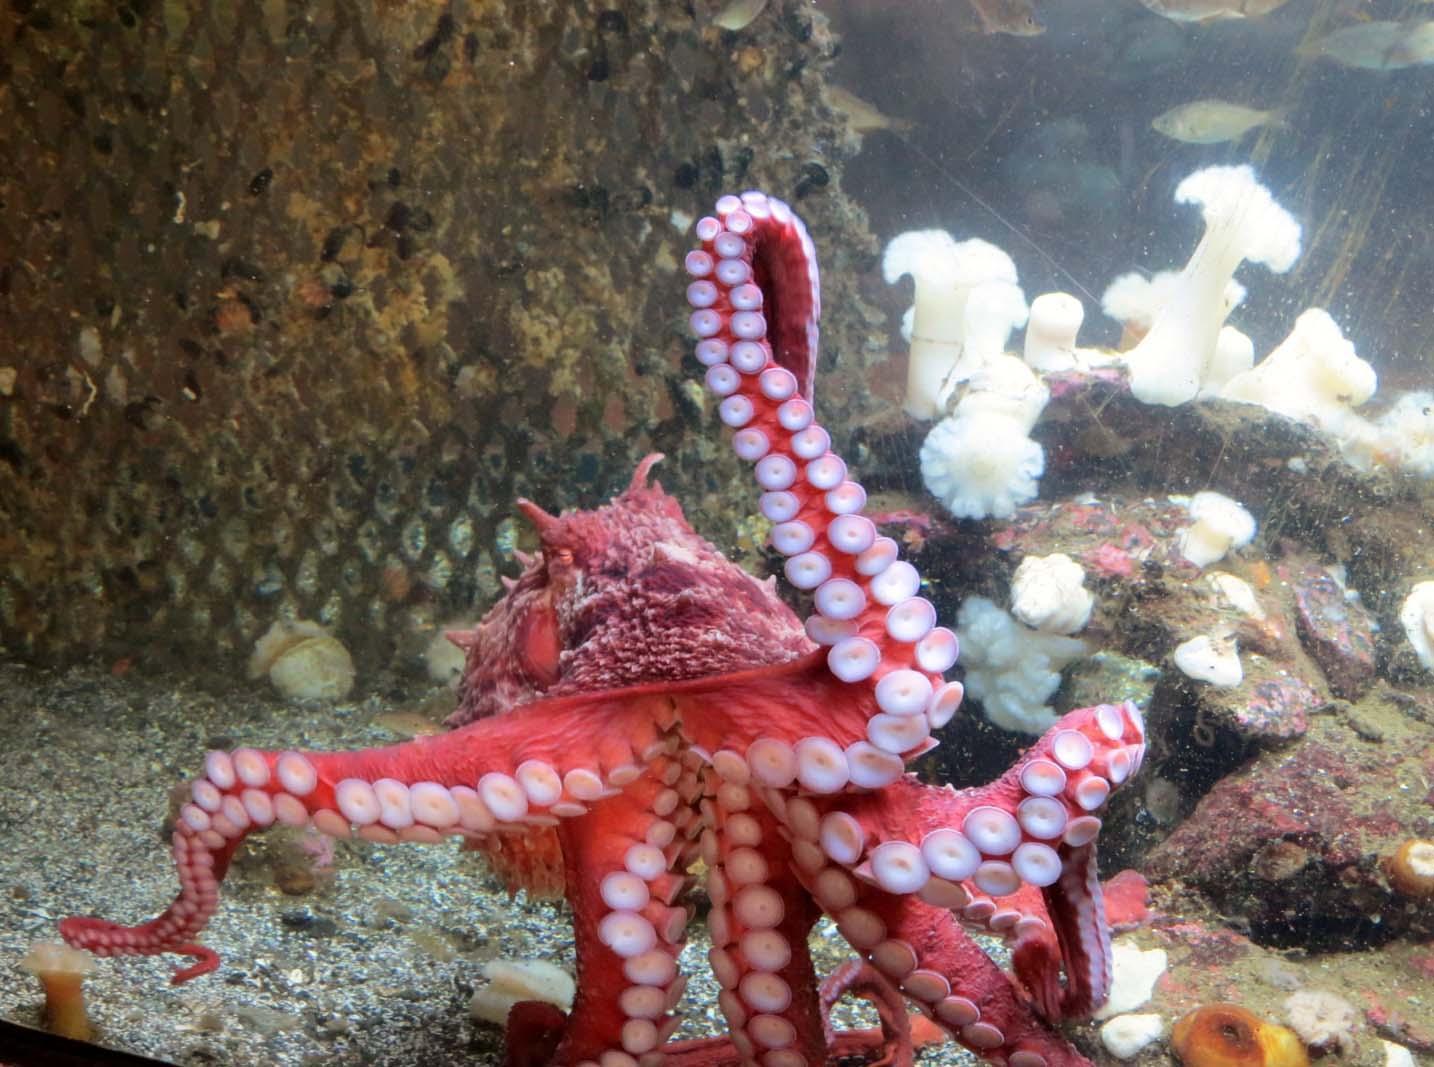 Octopus at Ucluelet Aquarium